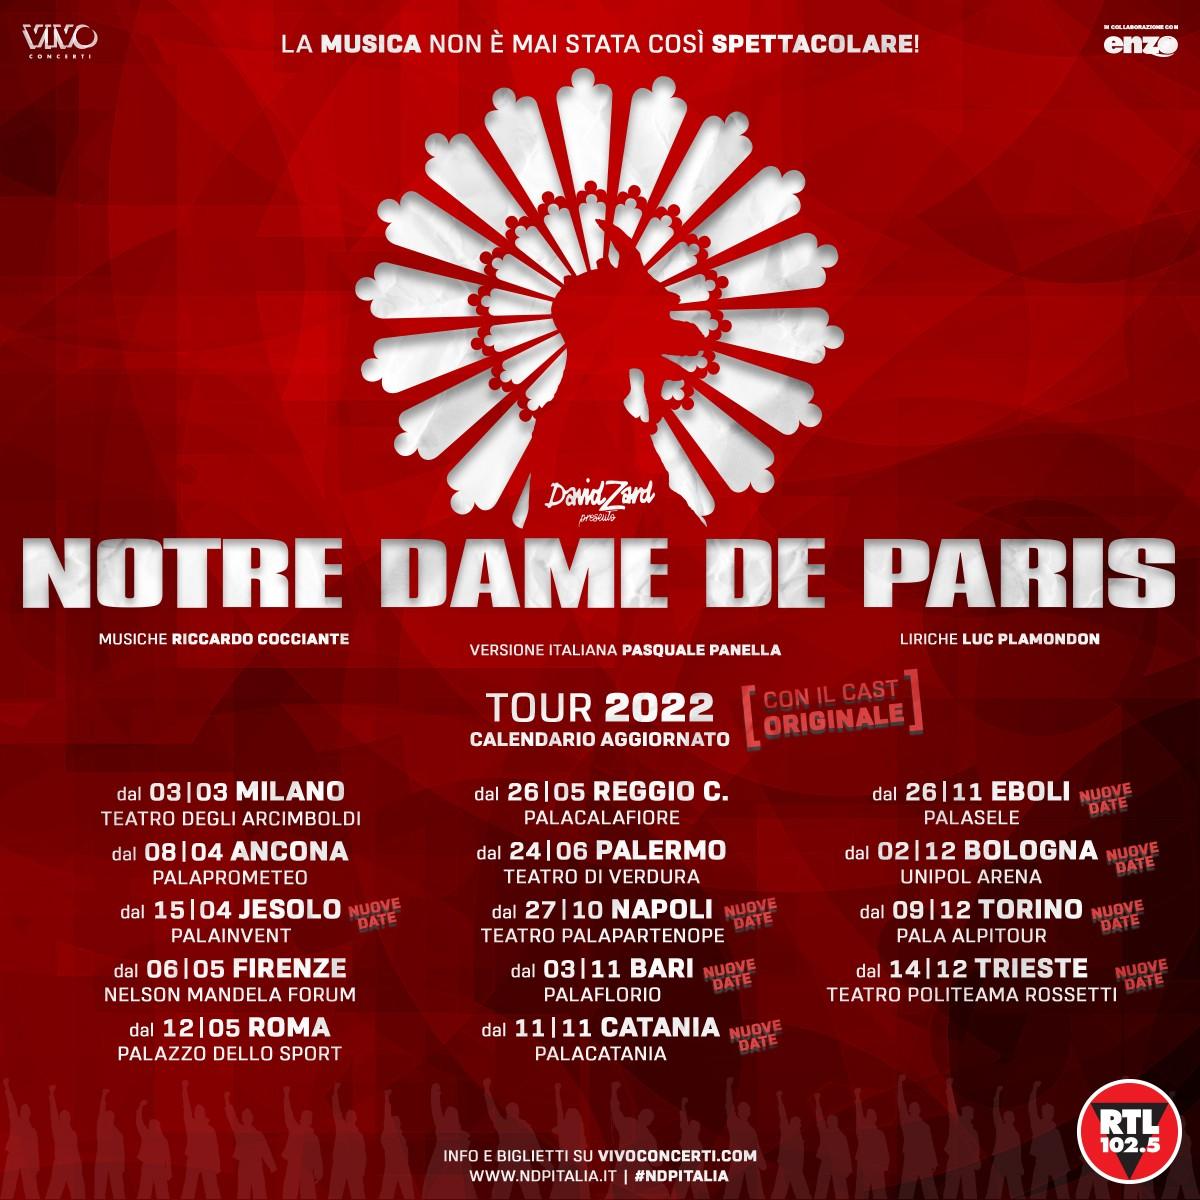 NOTRE DAME DE PARIS - RIPROGRAMMATE NEL 2022 LE DATE DEL 2021